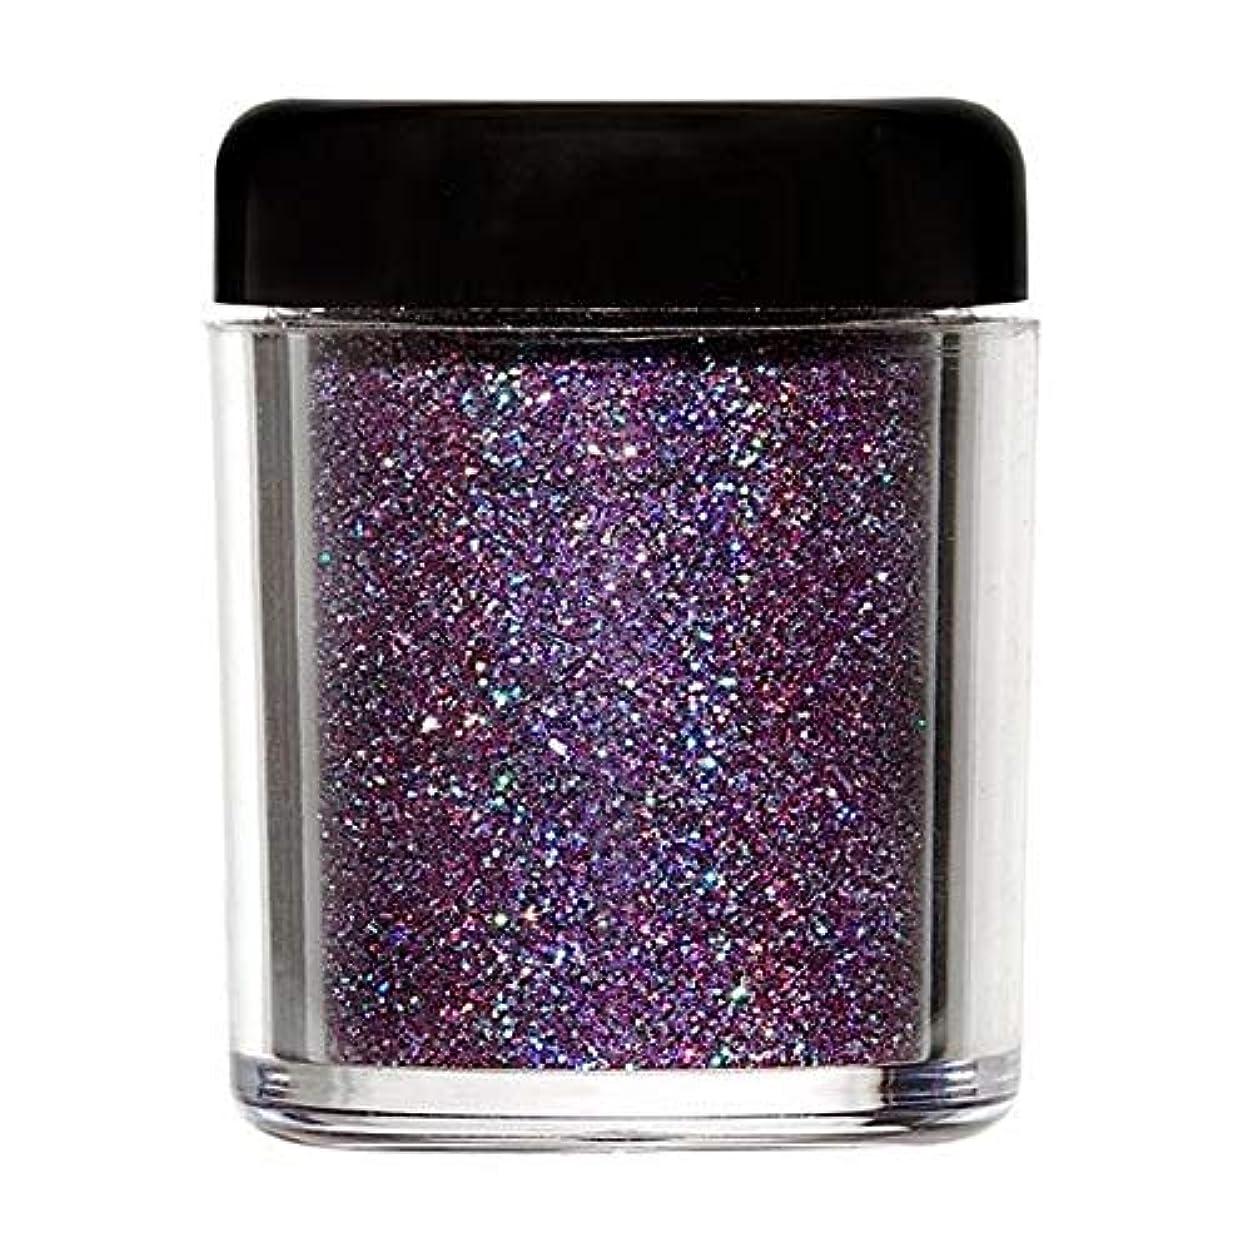 太平洋諸島見せますクーポン[Barry M ] バリーメートルのグリッターラッシュボディの輝き - 紫外線 - Barry M Glitter Rush Body Glitter - Ultraviolet [並行輸入品]